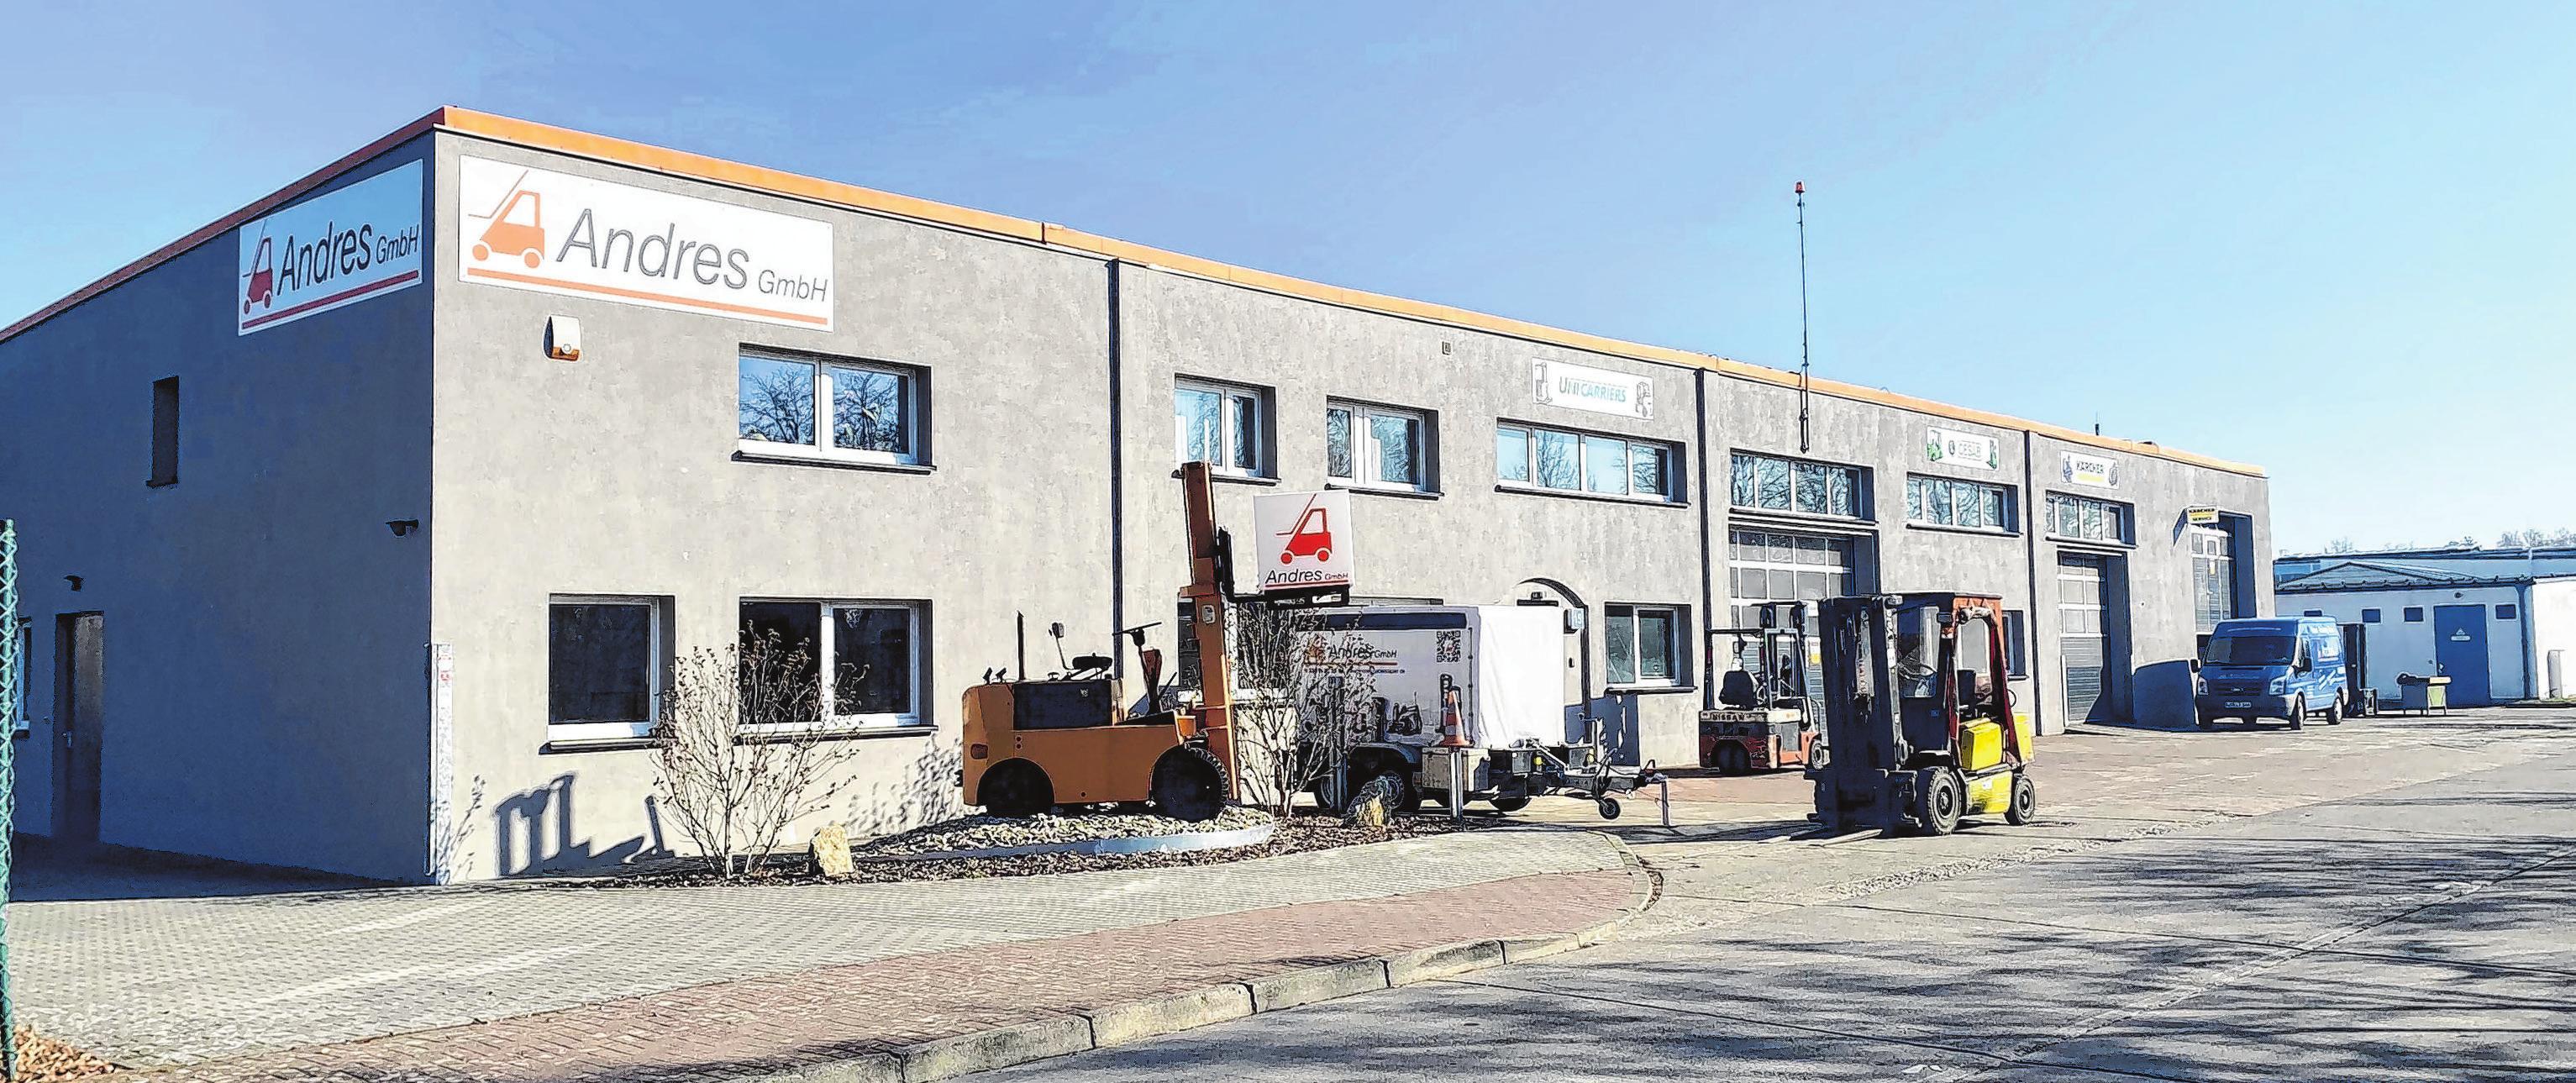 Die 1982 gegründete Firma Andres GmbH hat seit 1995 ihren Standort im Gewerbepark. Fotos (2): A. Winkler